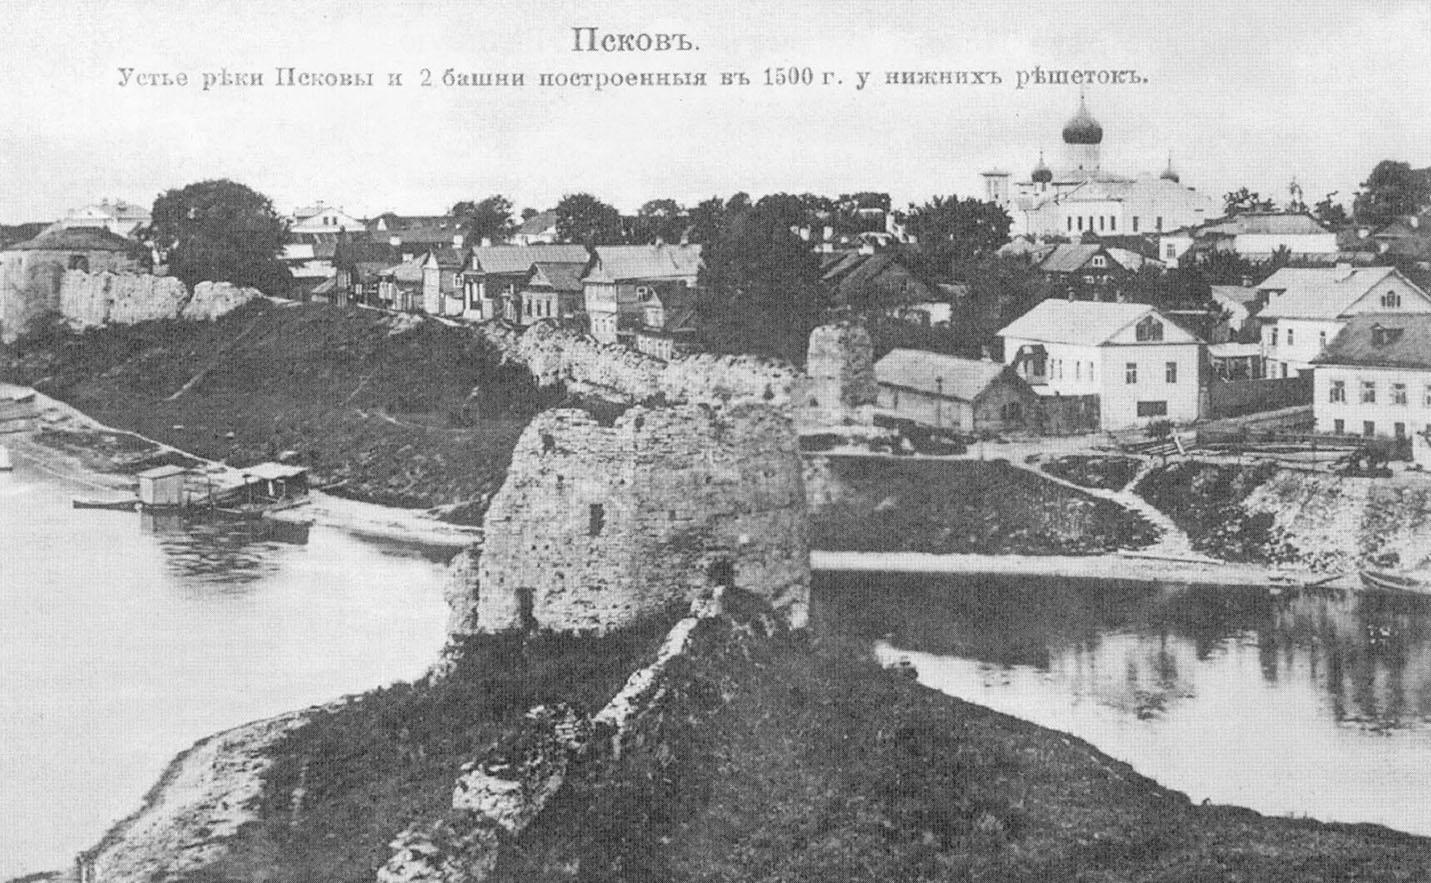 псков. Устье реки Псковы и 2 башни, построенные в 1500 г у нижних решеток.